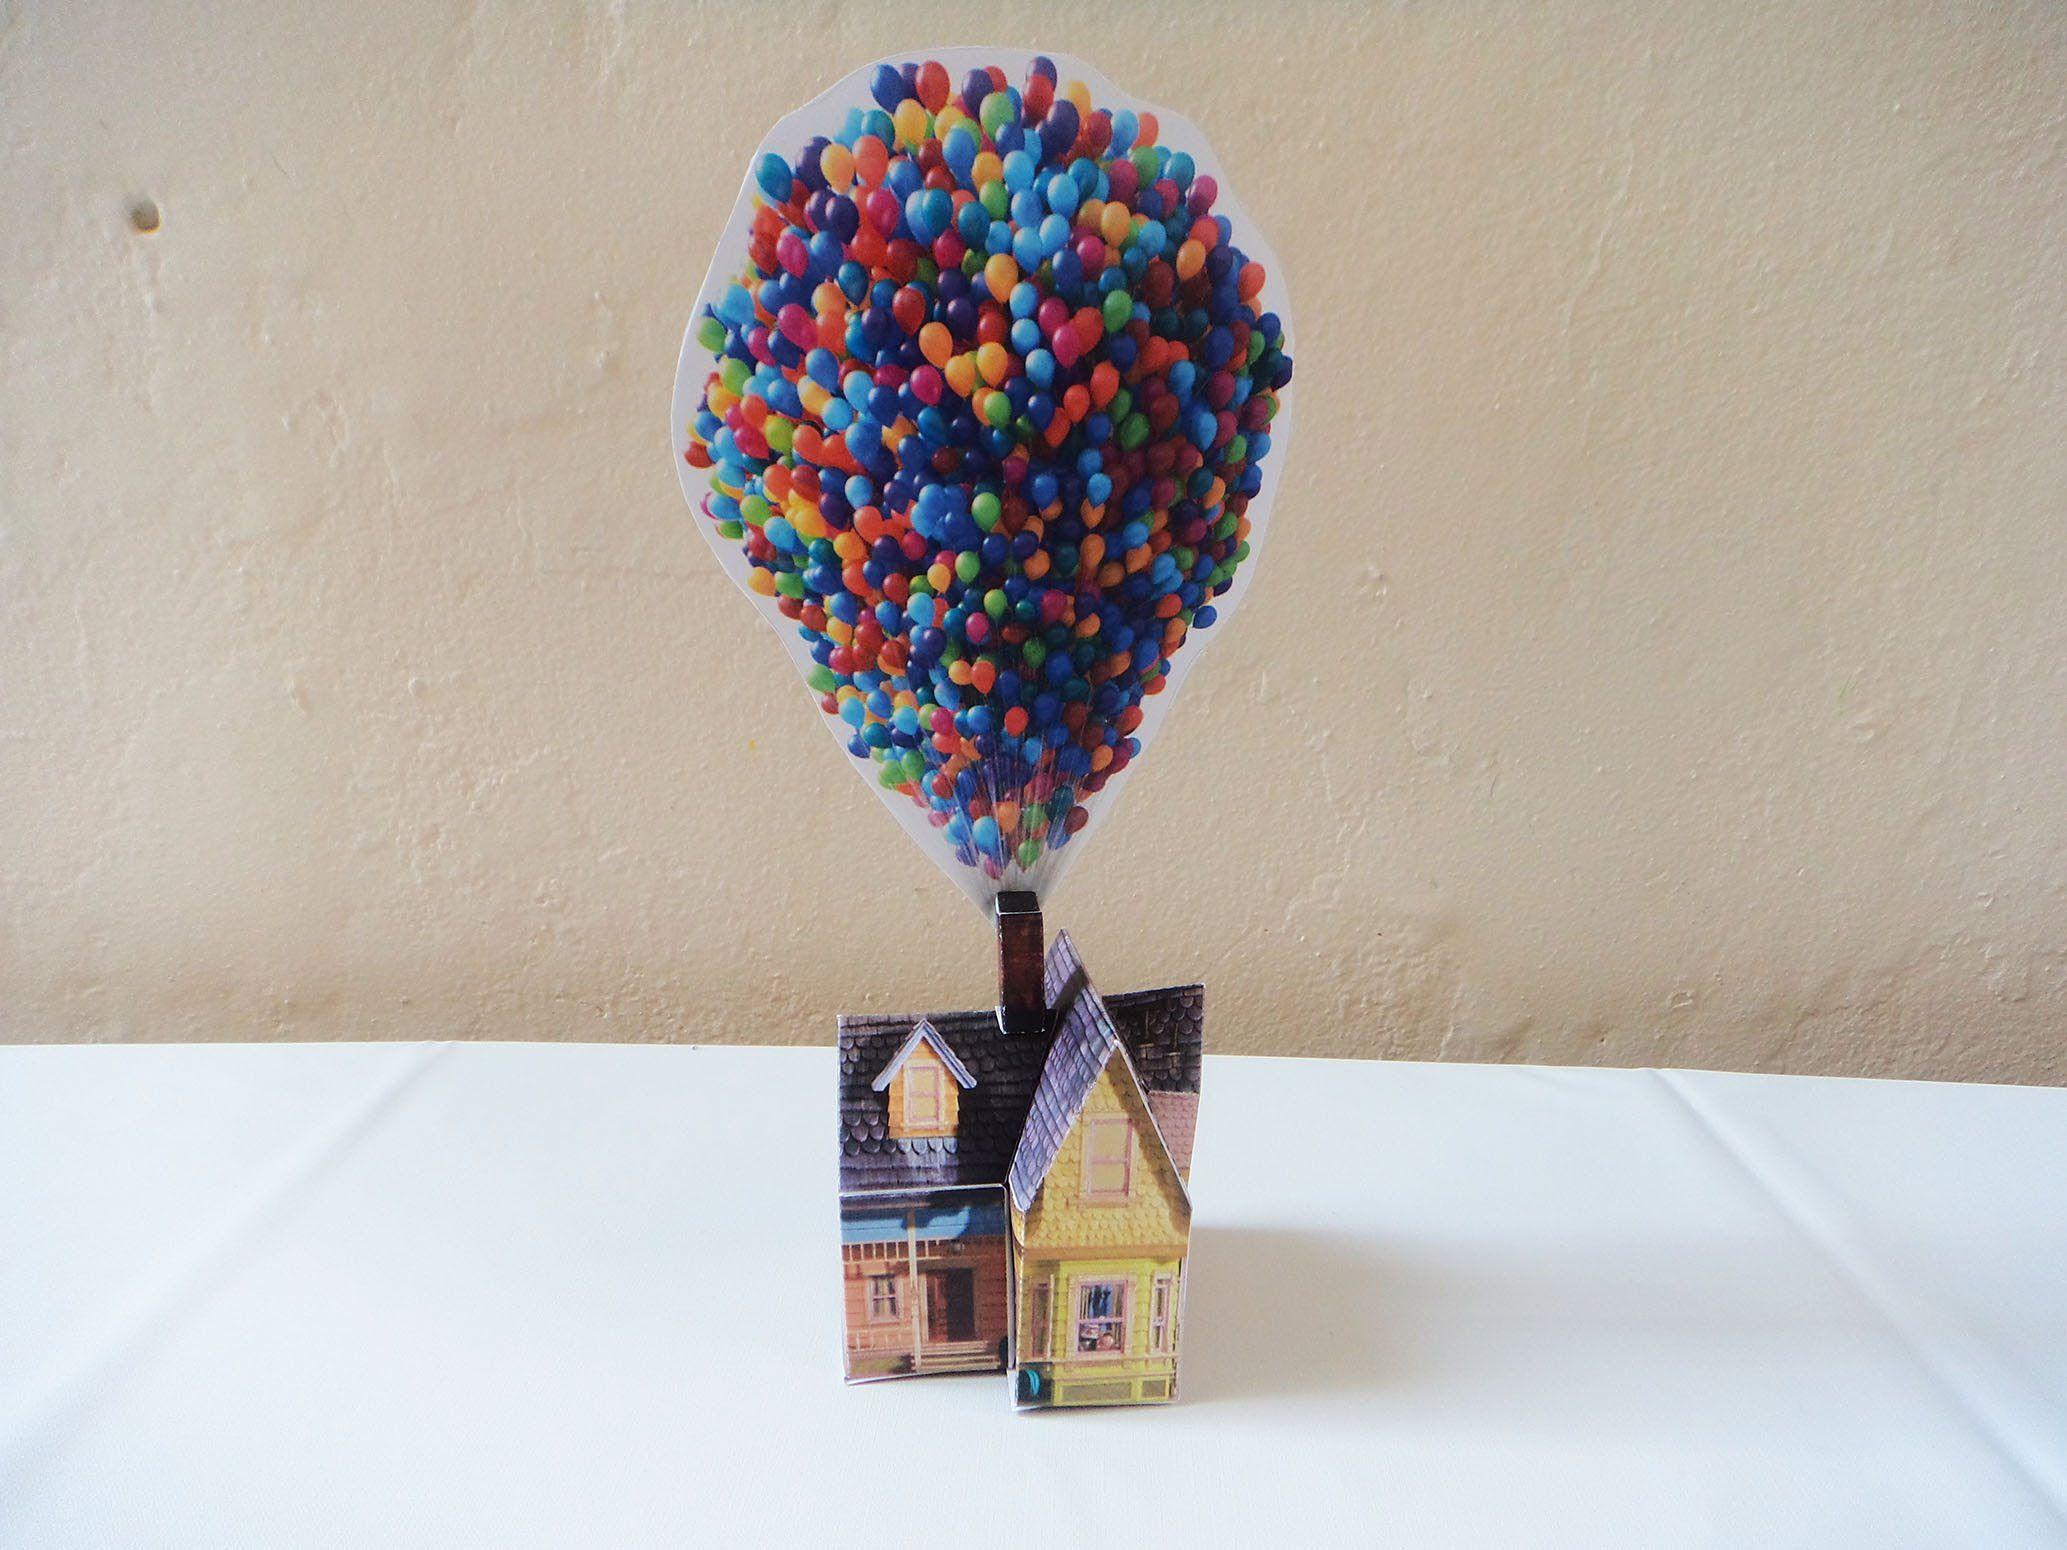 Passo a passo da montagem da casa do filme Up Altas Aventuras em papel couchê 230g. Link para download: http://family.disney.com/craft/up-house-with-balloons...